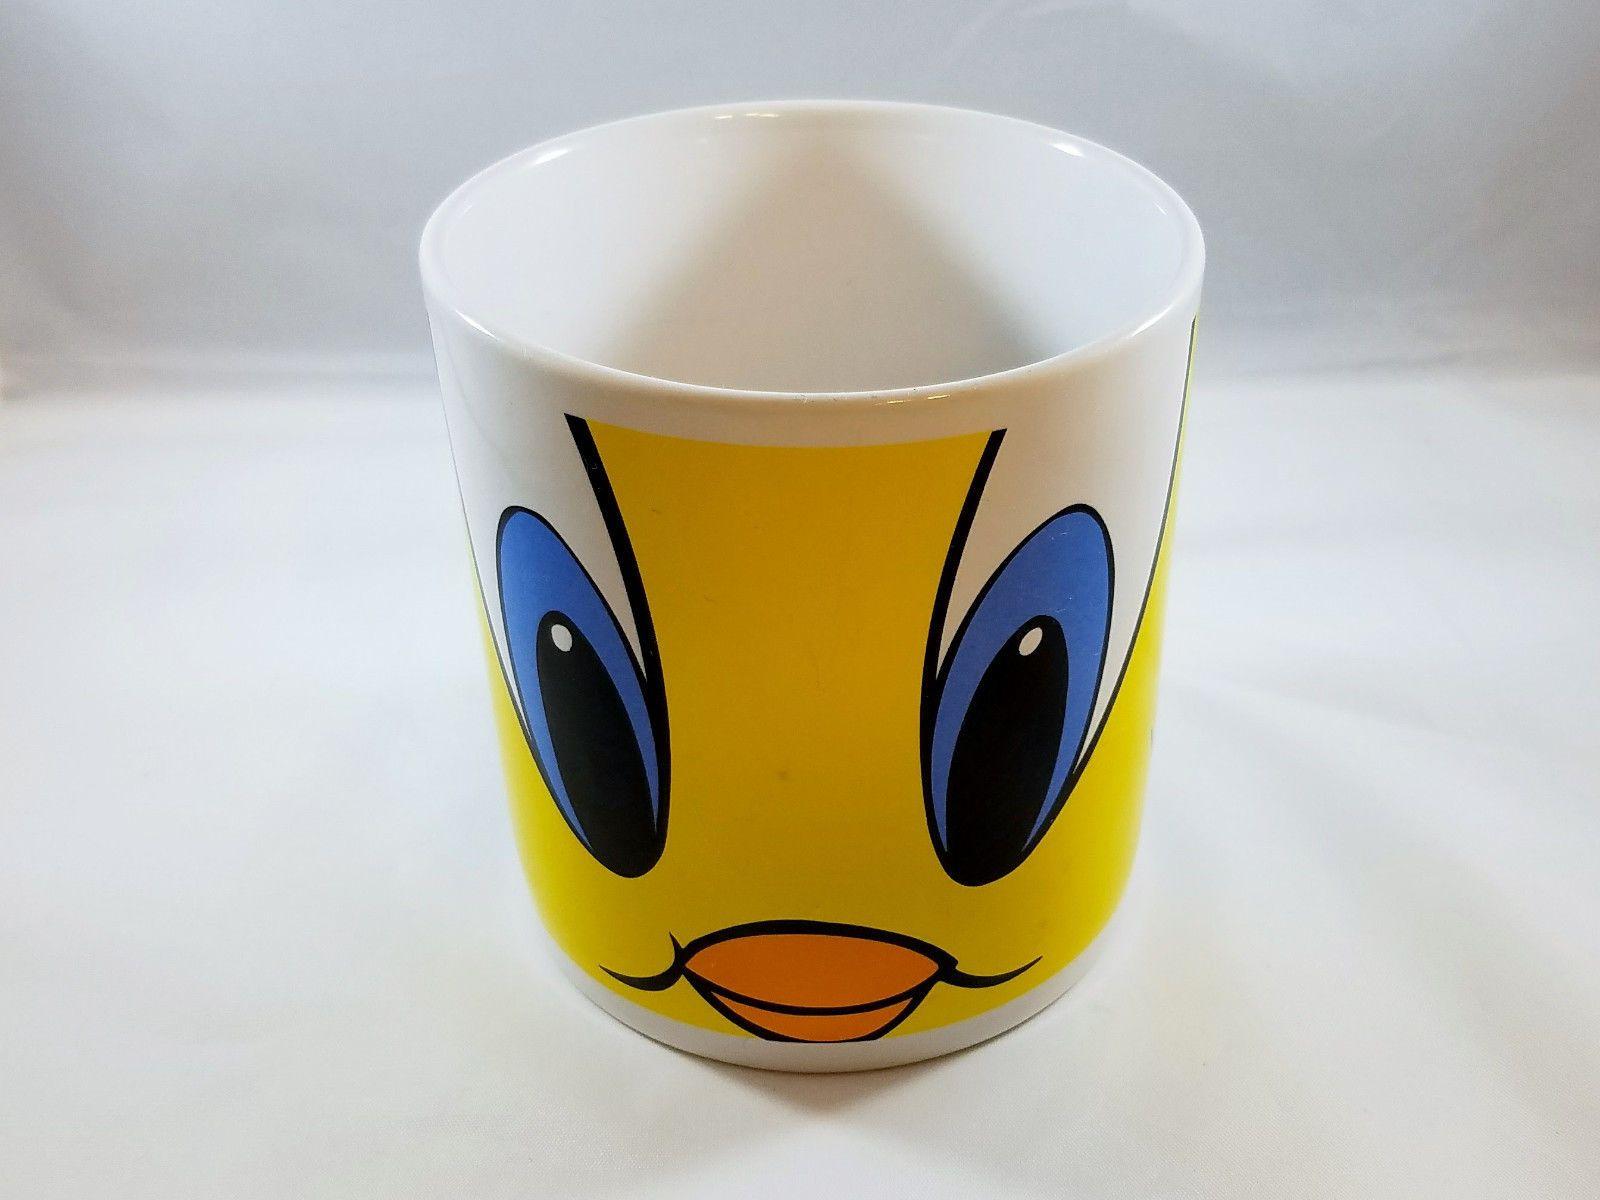 Oversized Tweety Bird Coffee Mug Looney Tunes Warner Bros